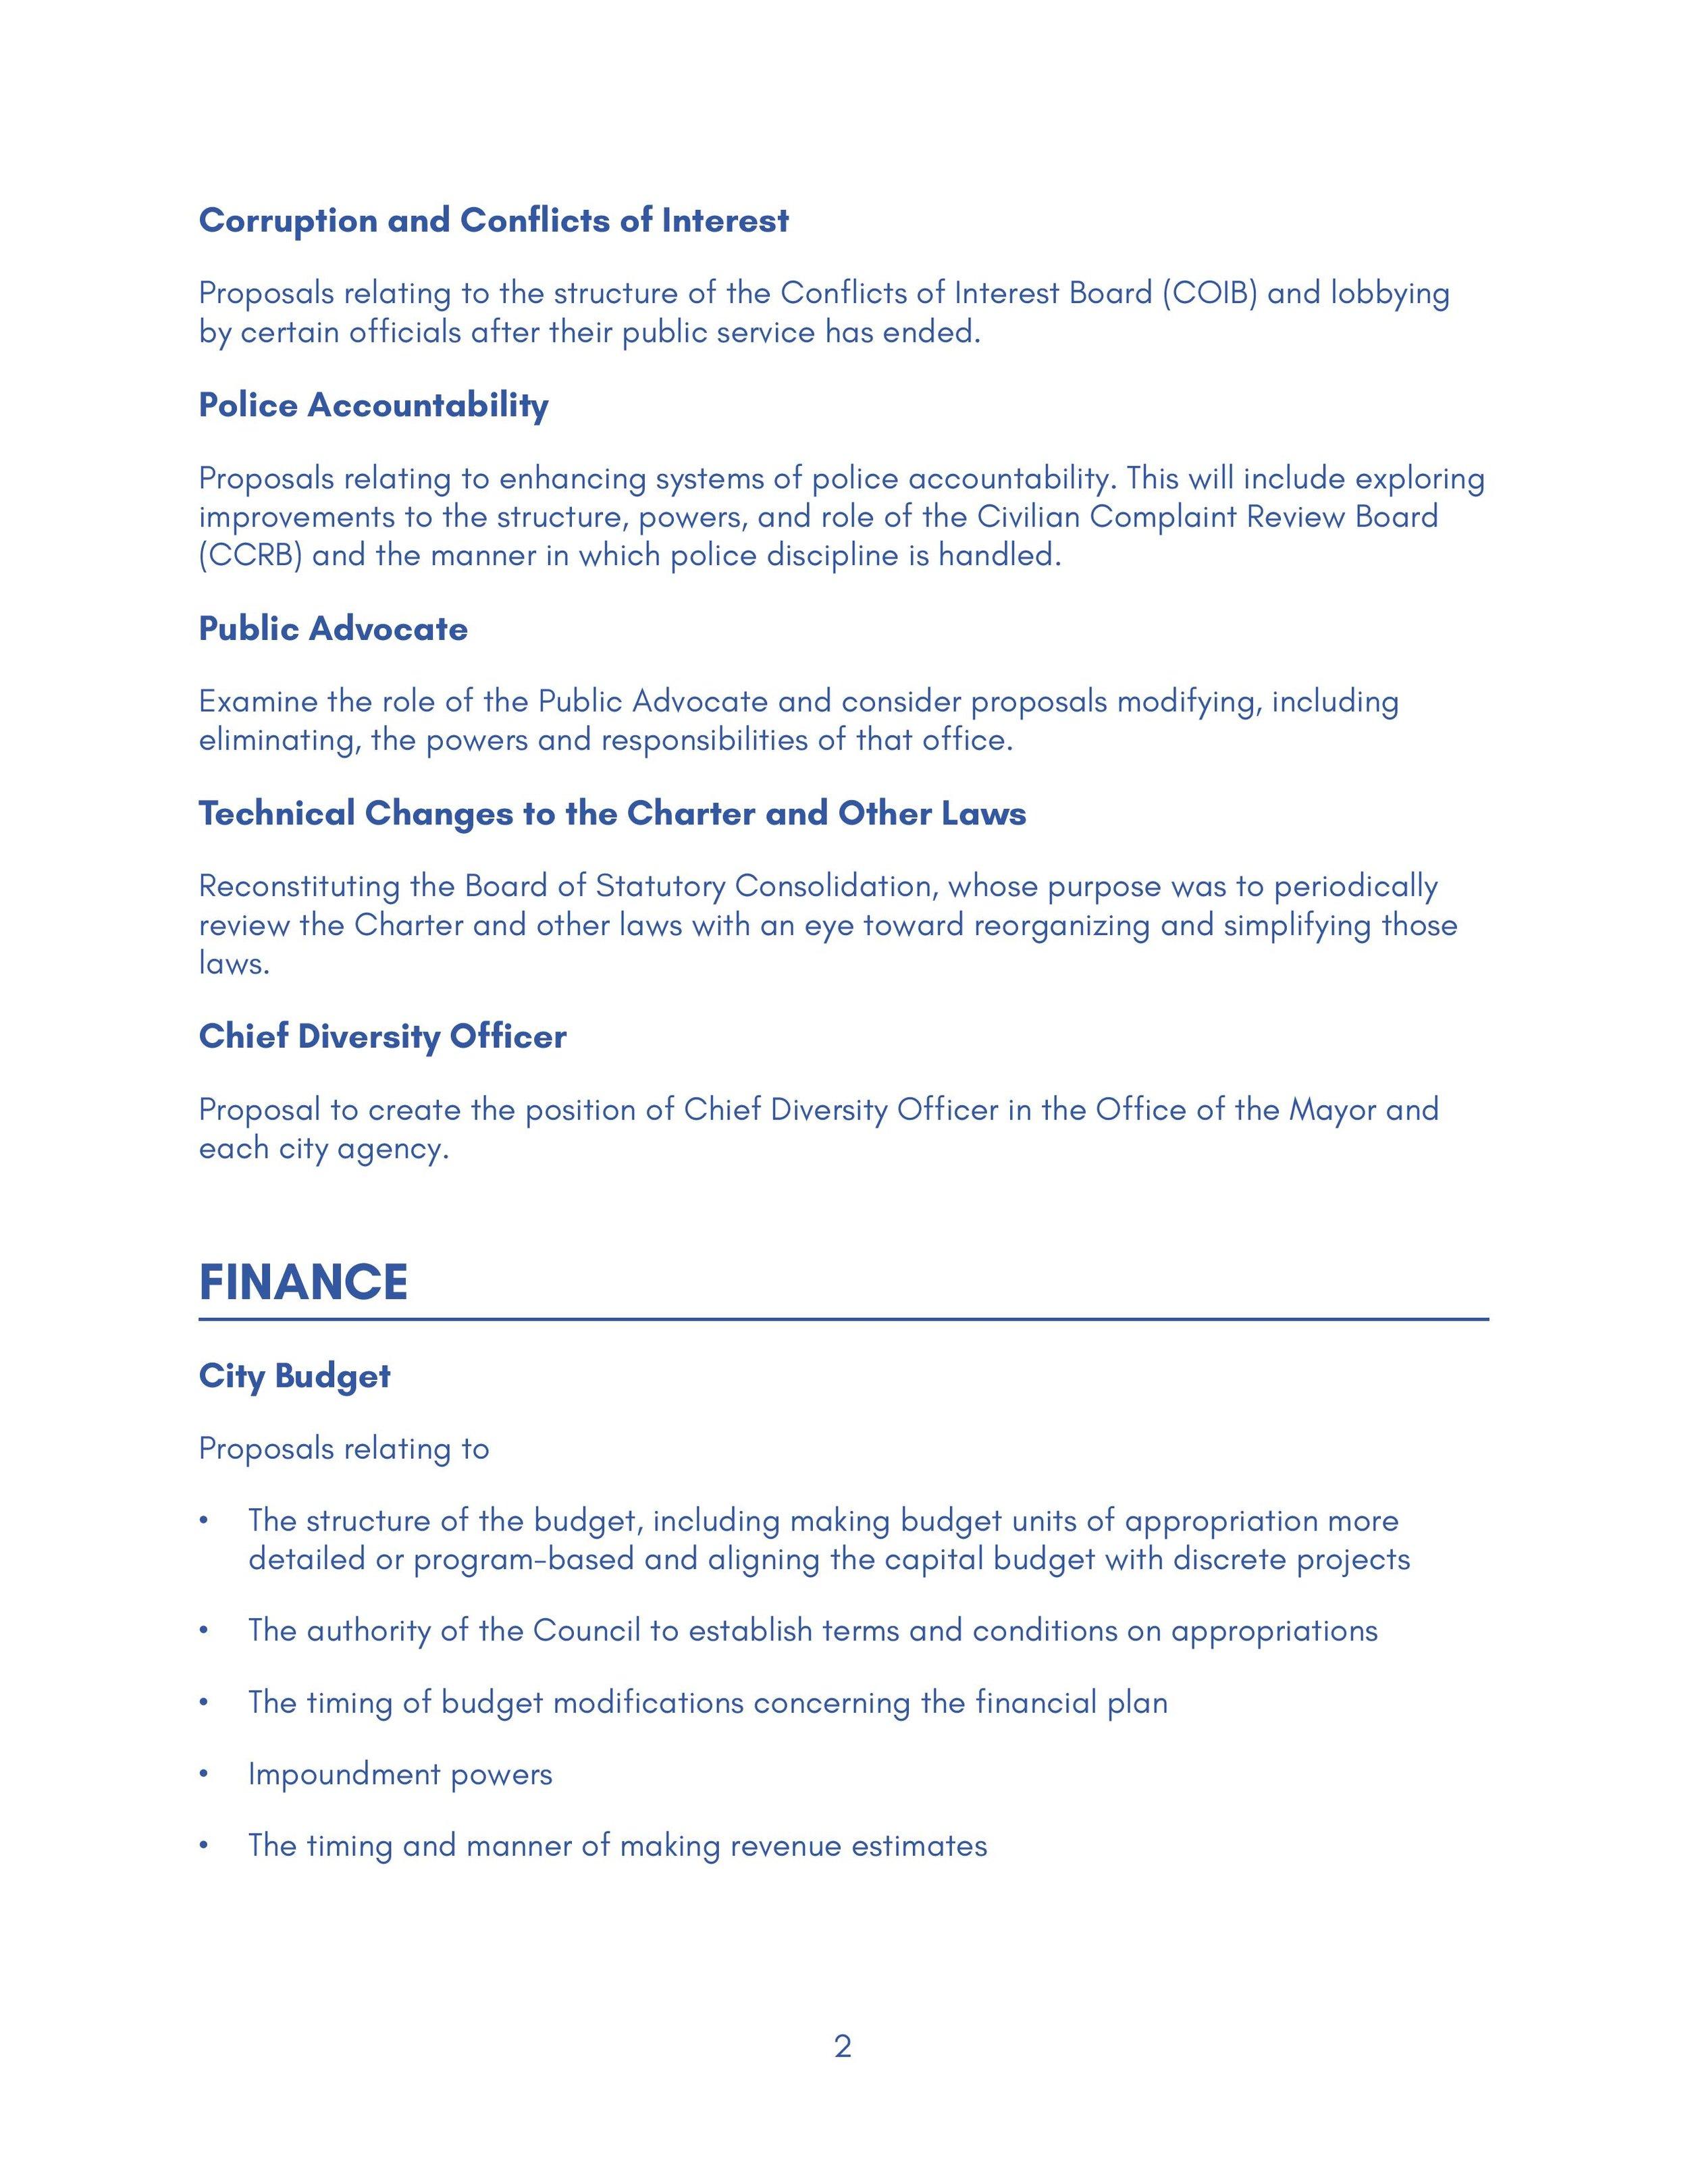 Focus Areas PDF-page-002.jpg